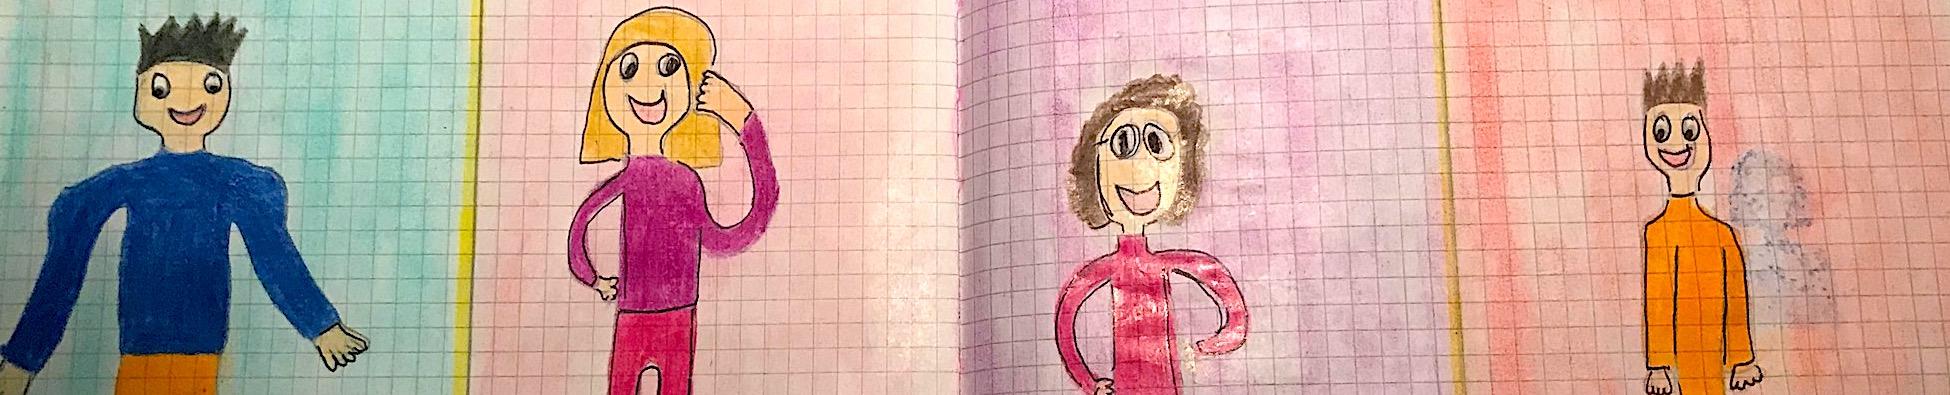 """scuola primaria disegno """"leggere è un'avventura"""" personaggi"""